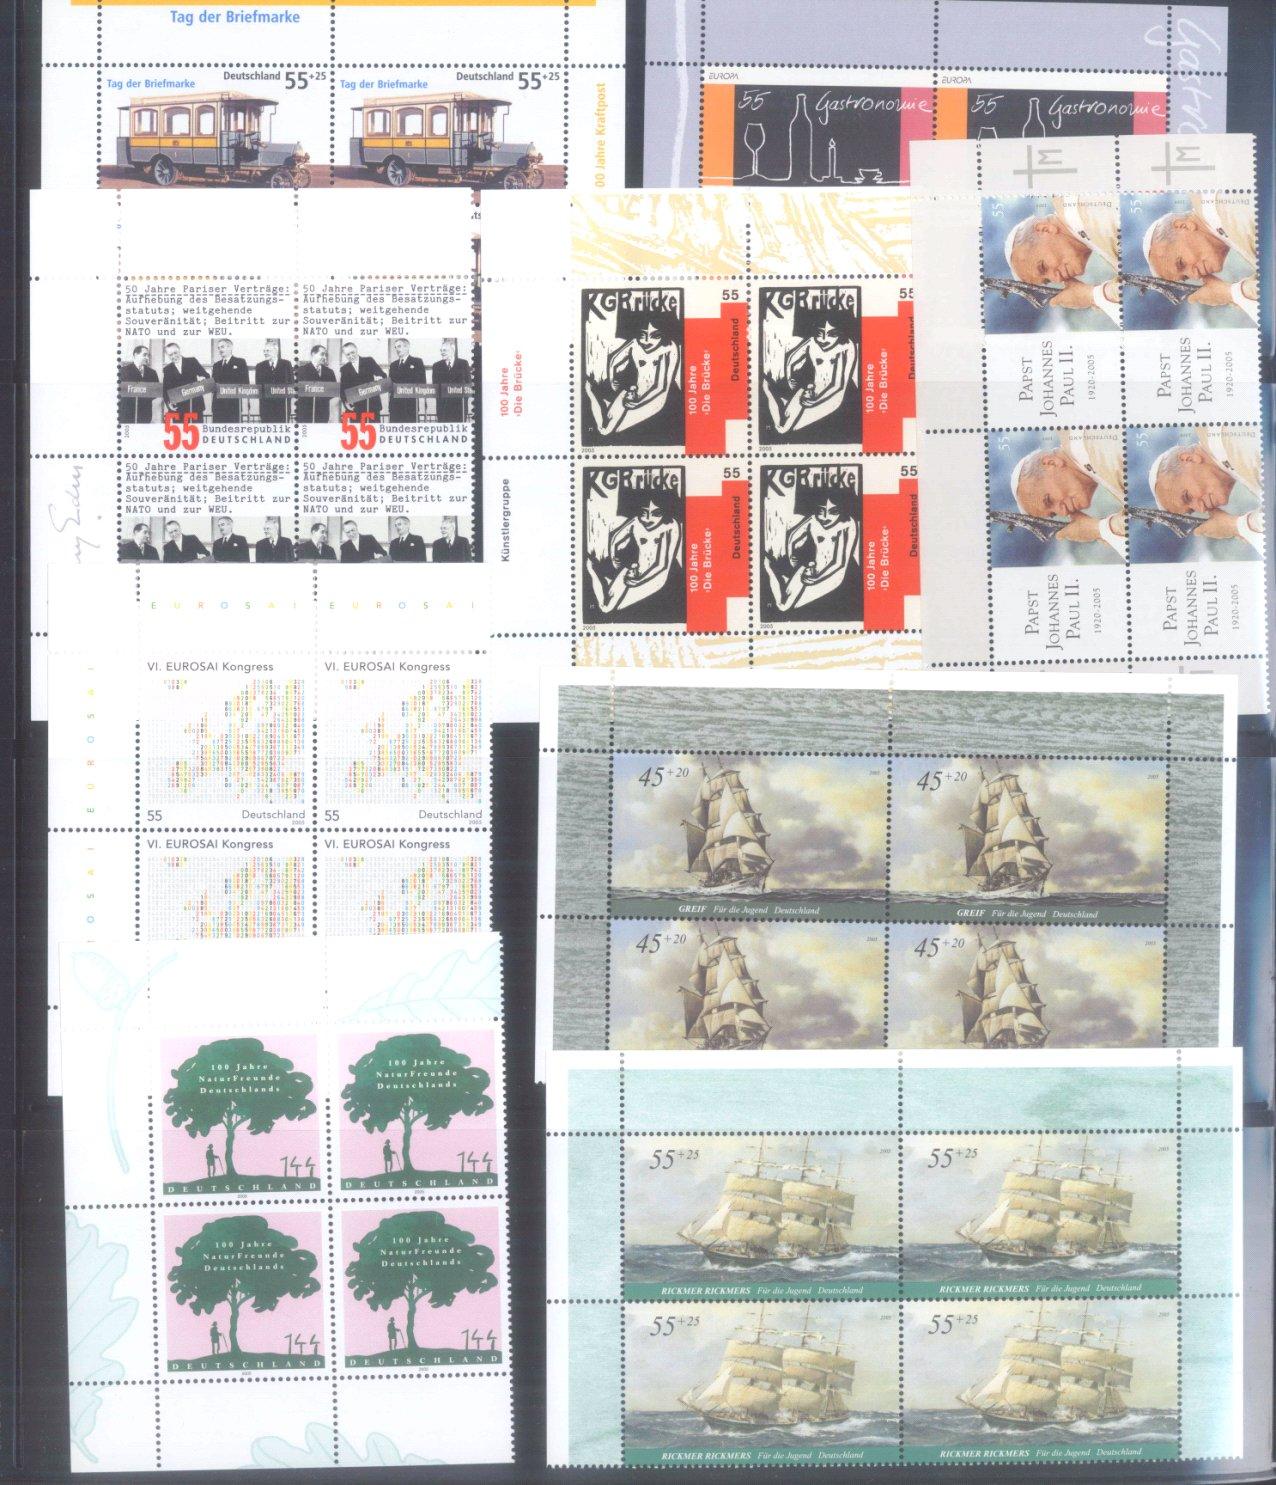 BUND 2005 postfrische 4er-BLOCK Sammlung, 168 EURO NOMINALE-2